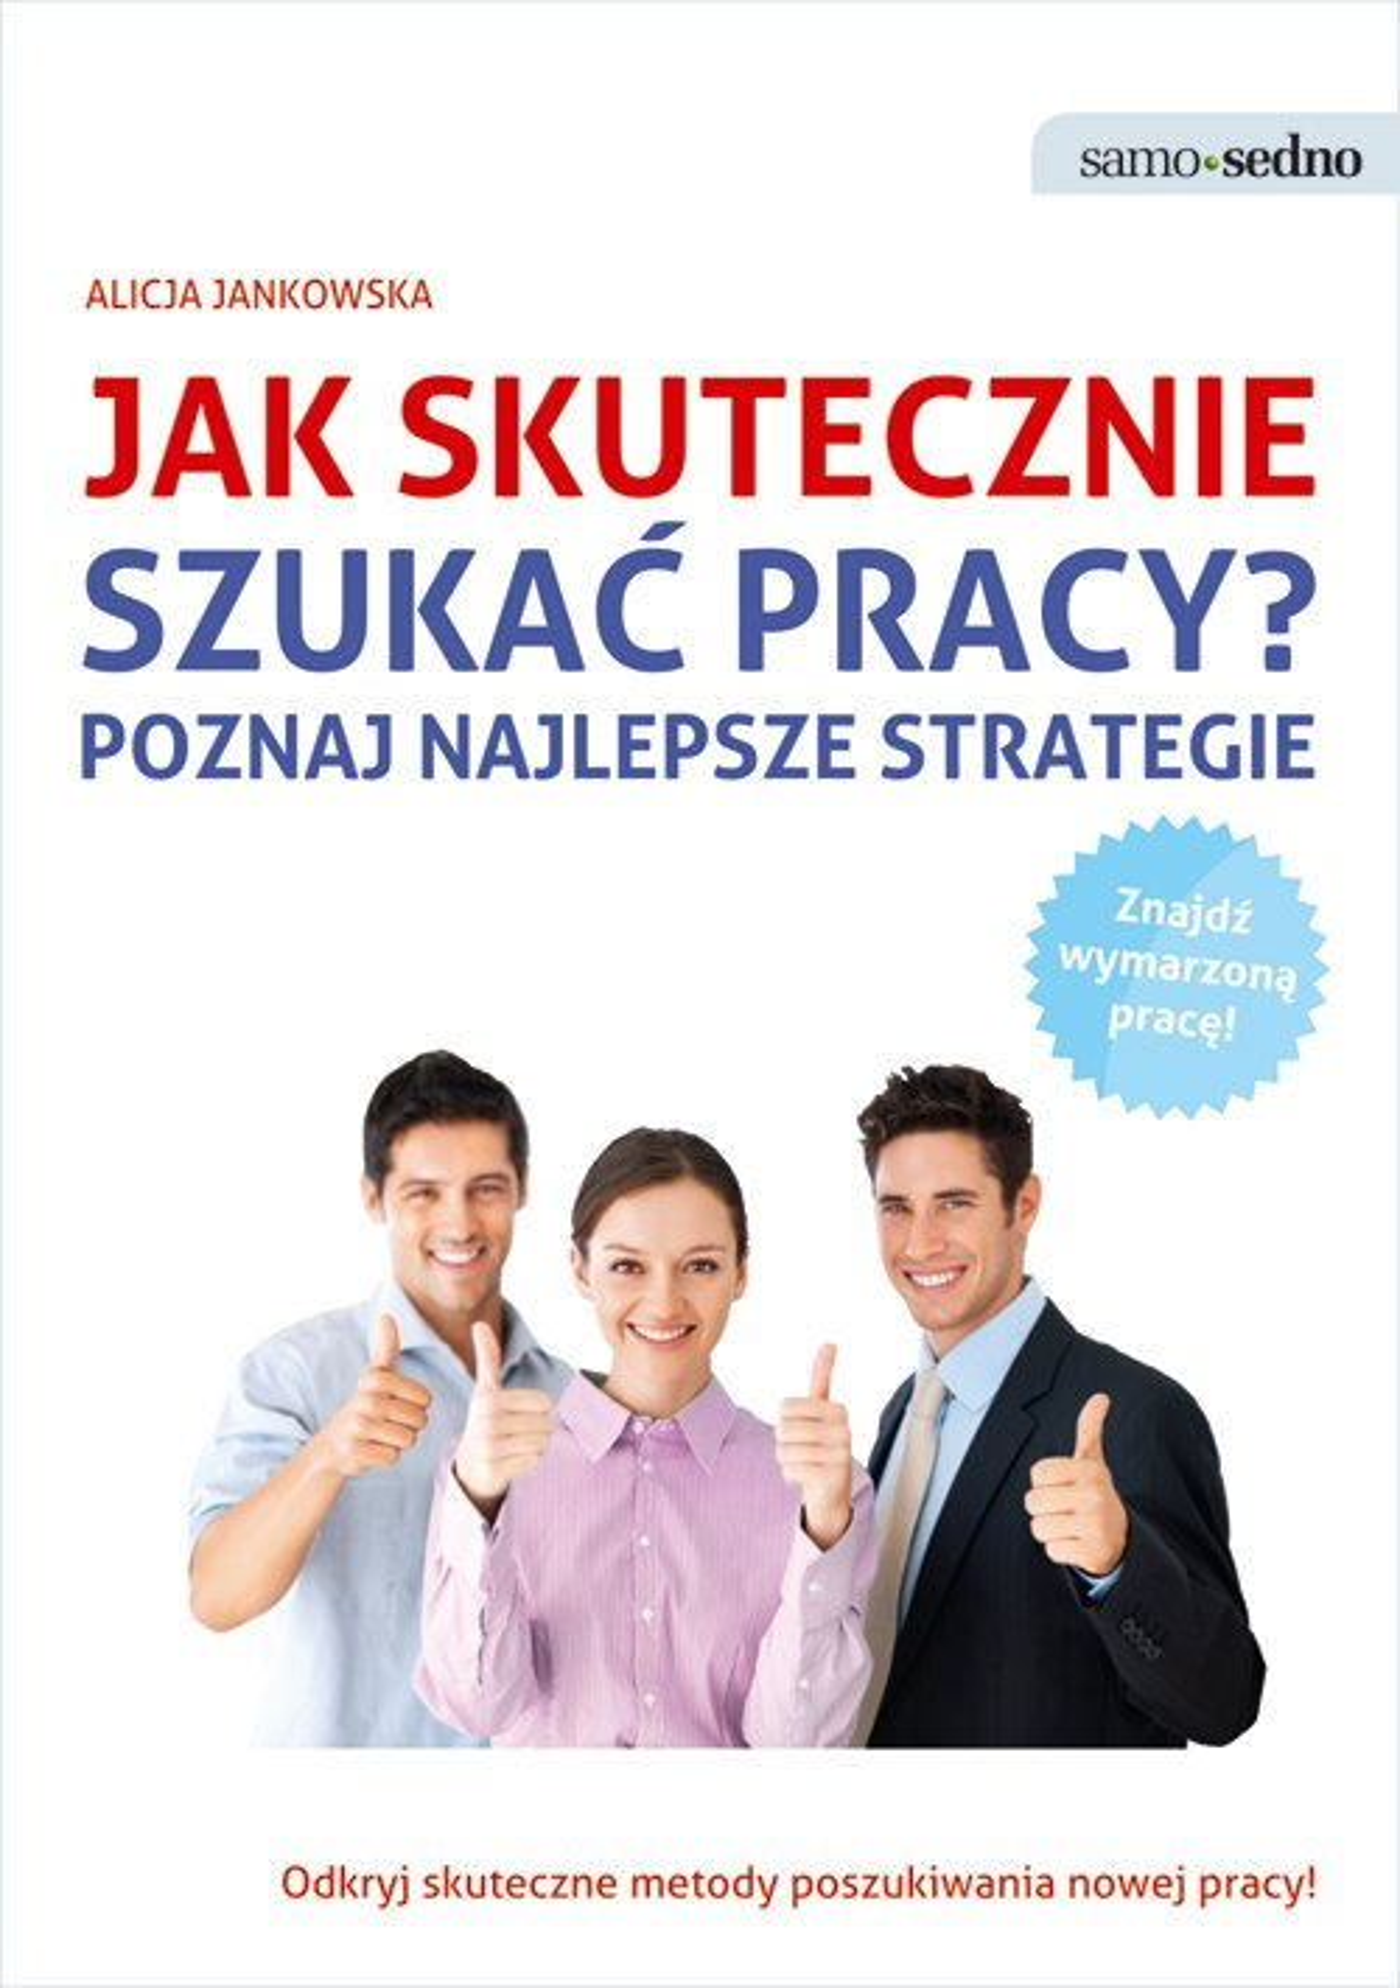 Samo Sedno. Jak skutecznie szukać pracy? - Ebook (Książka EPUB) do pobrania w formacie EPUB